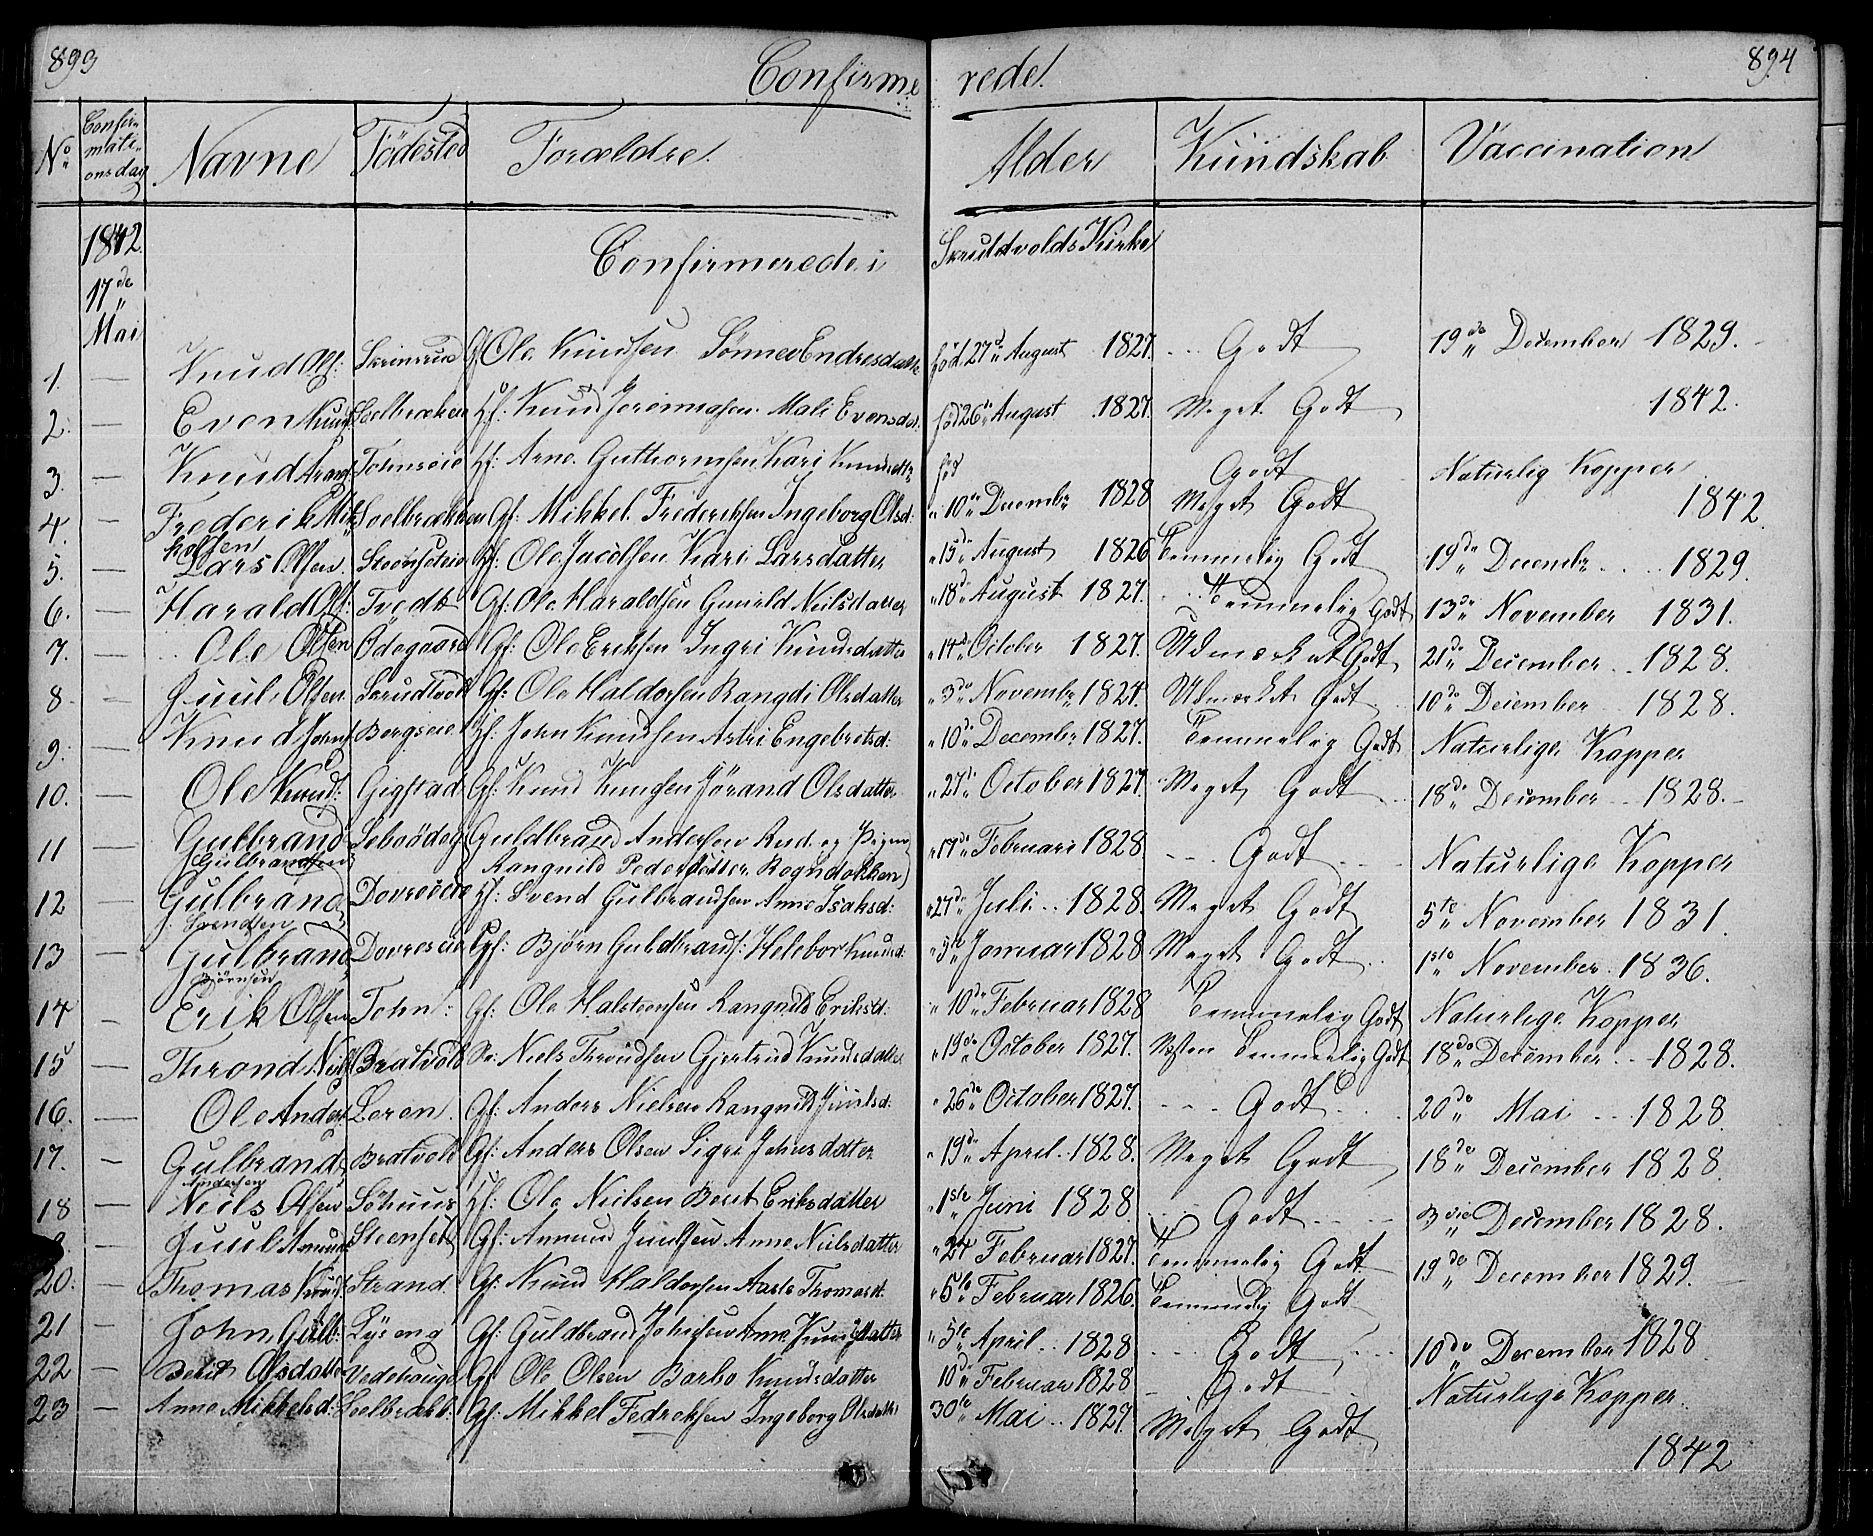 SAH, Nord-Aurdal prestekontor, Klokkerbok nr. 1, 1834-1887, s. 893-894